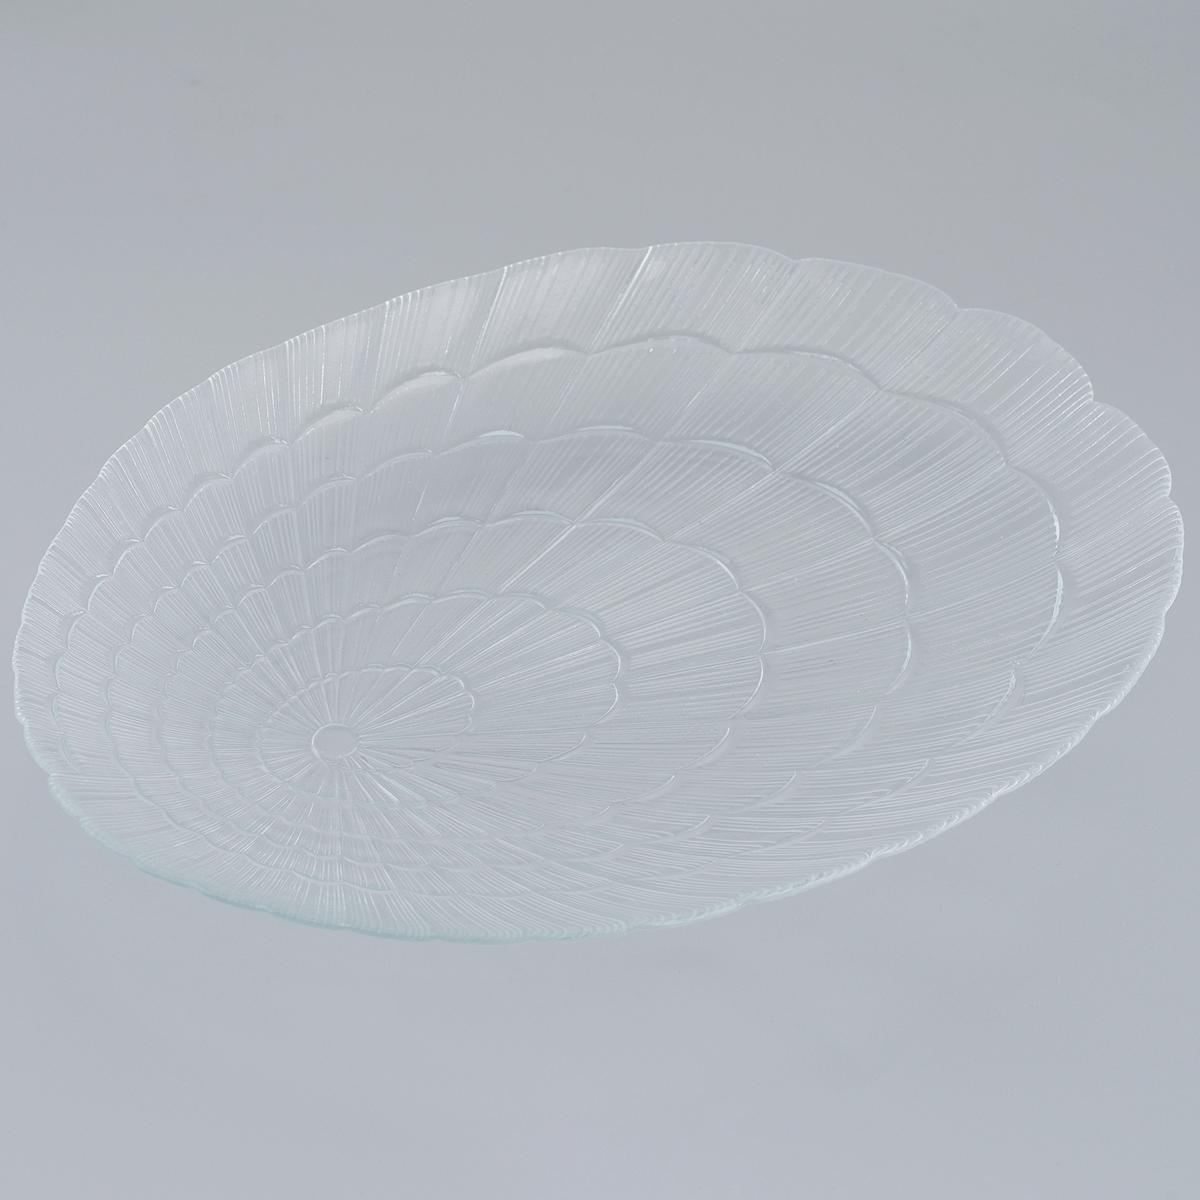 Тарелка Pasabahce Atlantis, овальная, 32 см х 23,5 смVT-1520(SR)Овальная тарелка Pasabahce Atlantis, выполненная из закаленного стекла, декорирована рифленым узором. Она сочетают в себе изысканный дизайн с максимальной функциональностью. Оригинальность оформления тарелки придется по вкусу и ценителям классики, и тем, кто предпочитает утонченность и изящность. Тарелка Pasabahce Atlantis предназначена для красивой сервировки различных блюд. Можно использовать в морозильной камере и микроволновой печи. Можно мыть в посудомоечной машине. Размер тарелки: 32 см х 23,5 см. Высота стенок: 2 см.